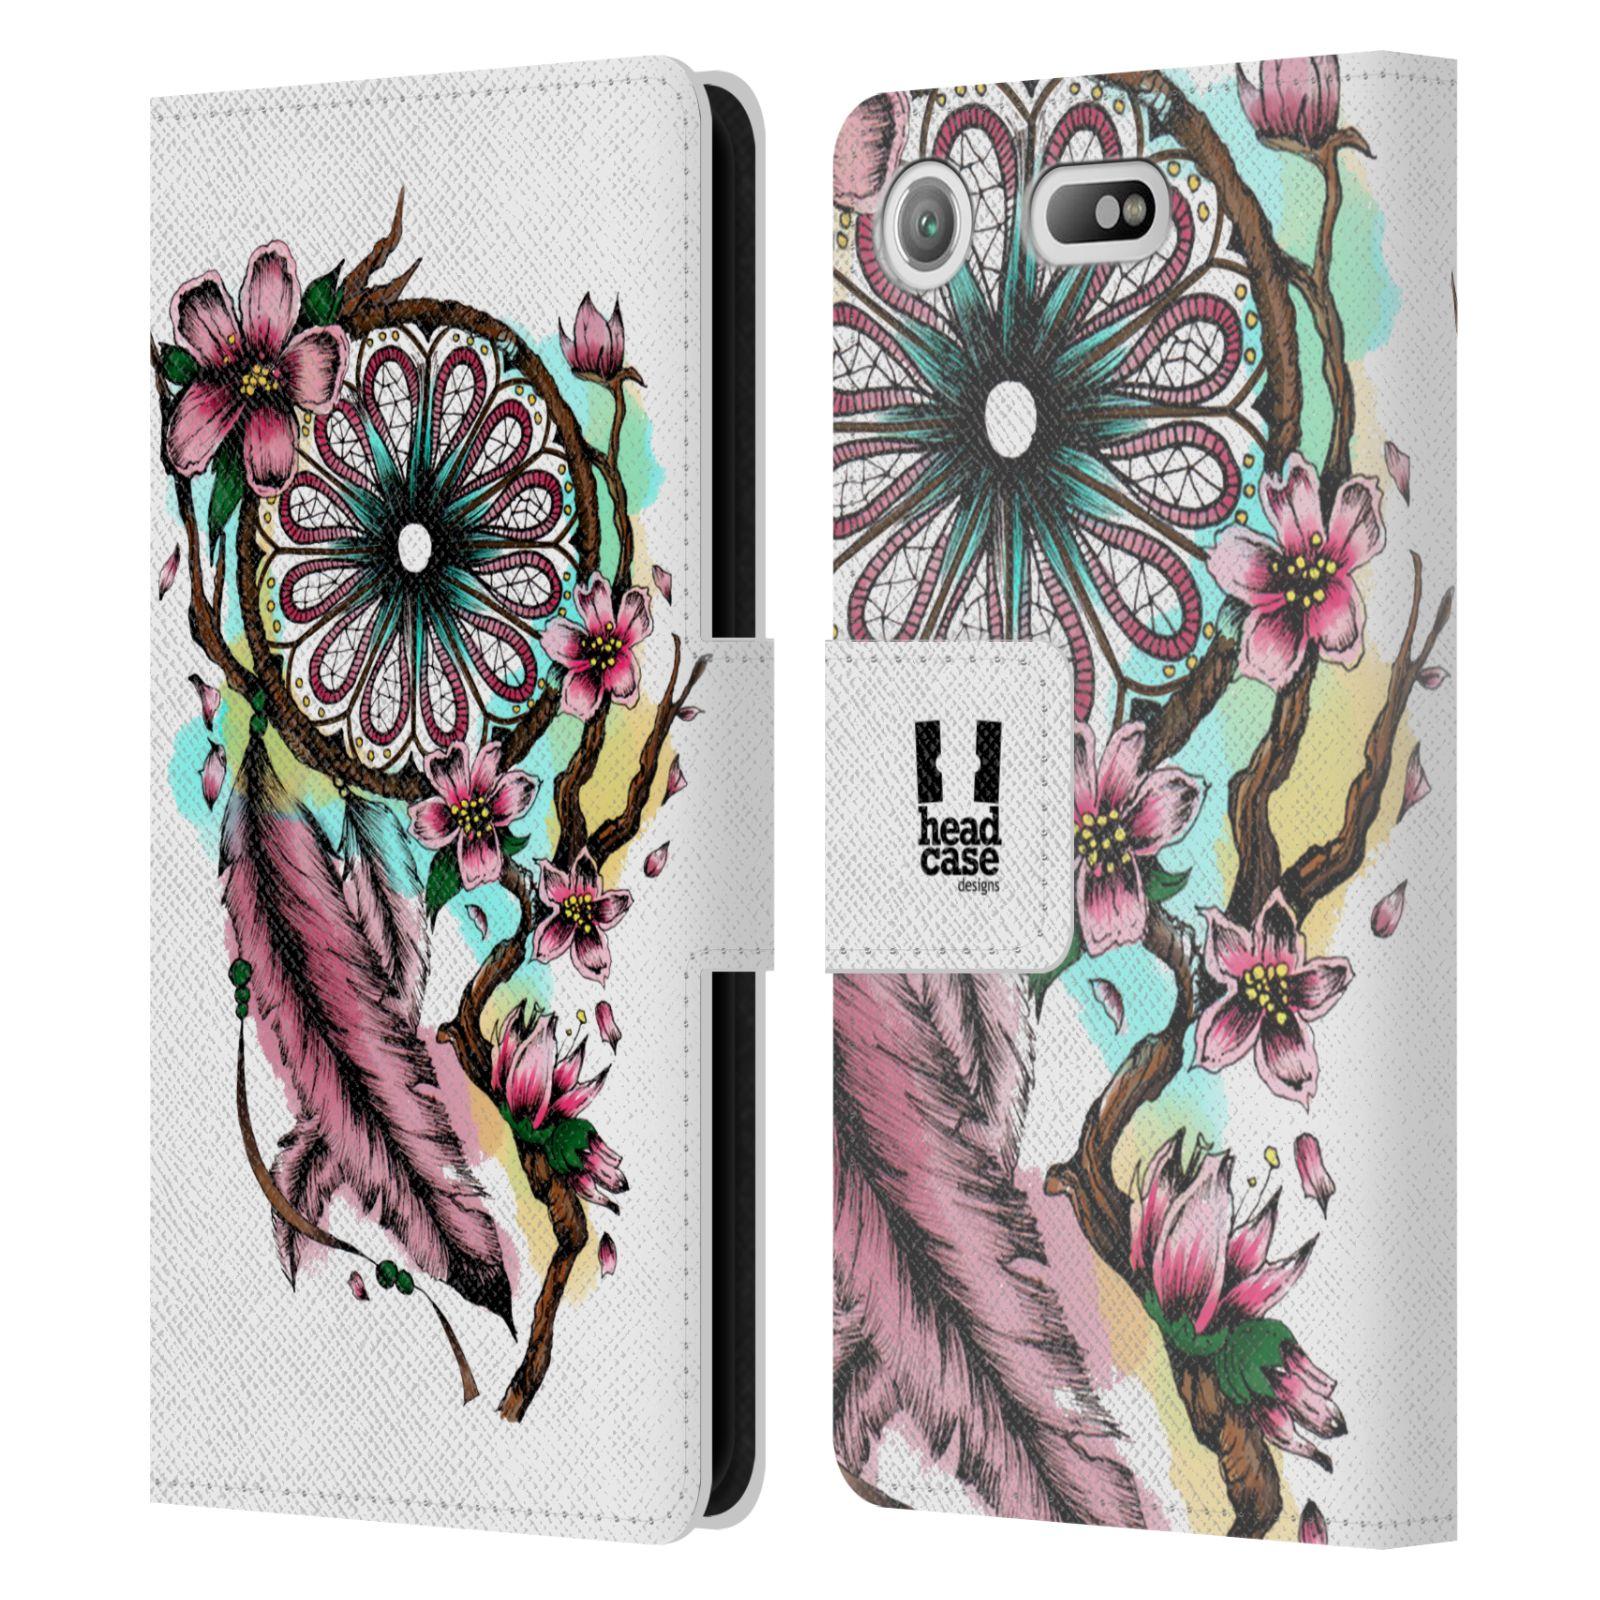 Pouzdro na mobil Sony Xperia XZ1 Compact - Head Case - Lapač snů květy fialová